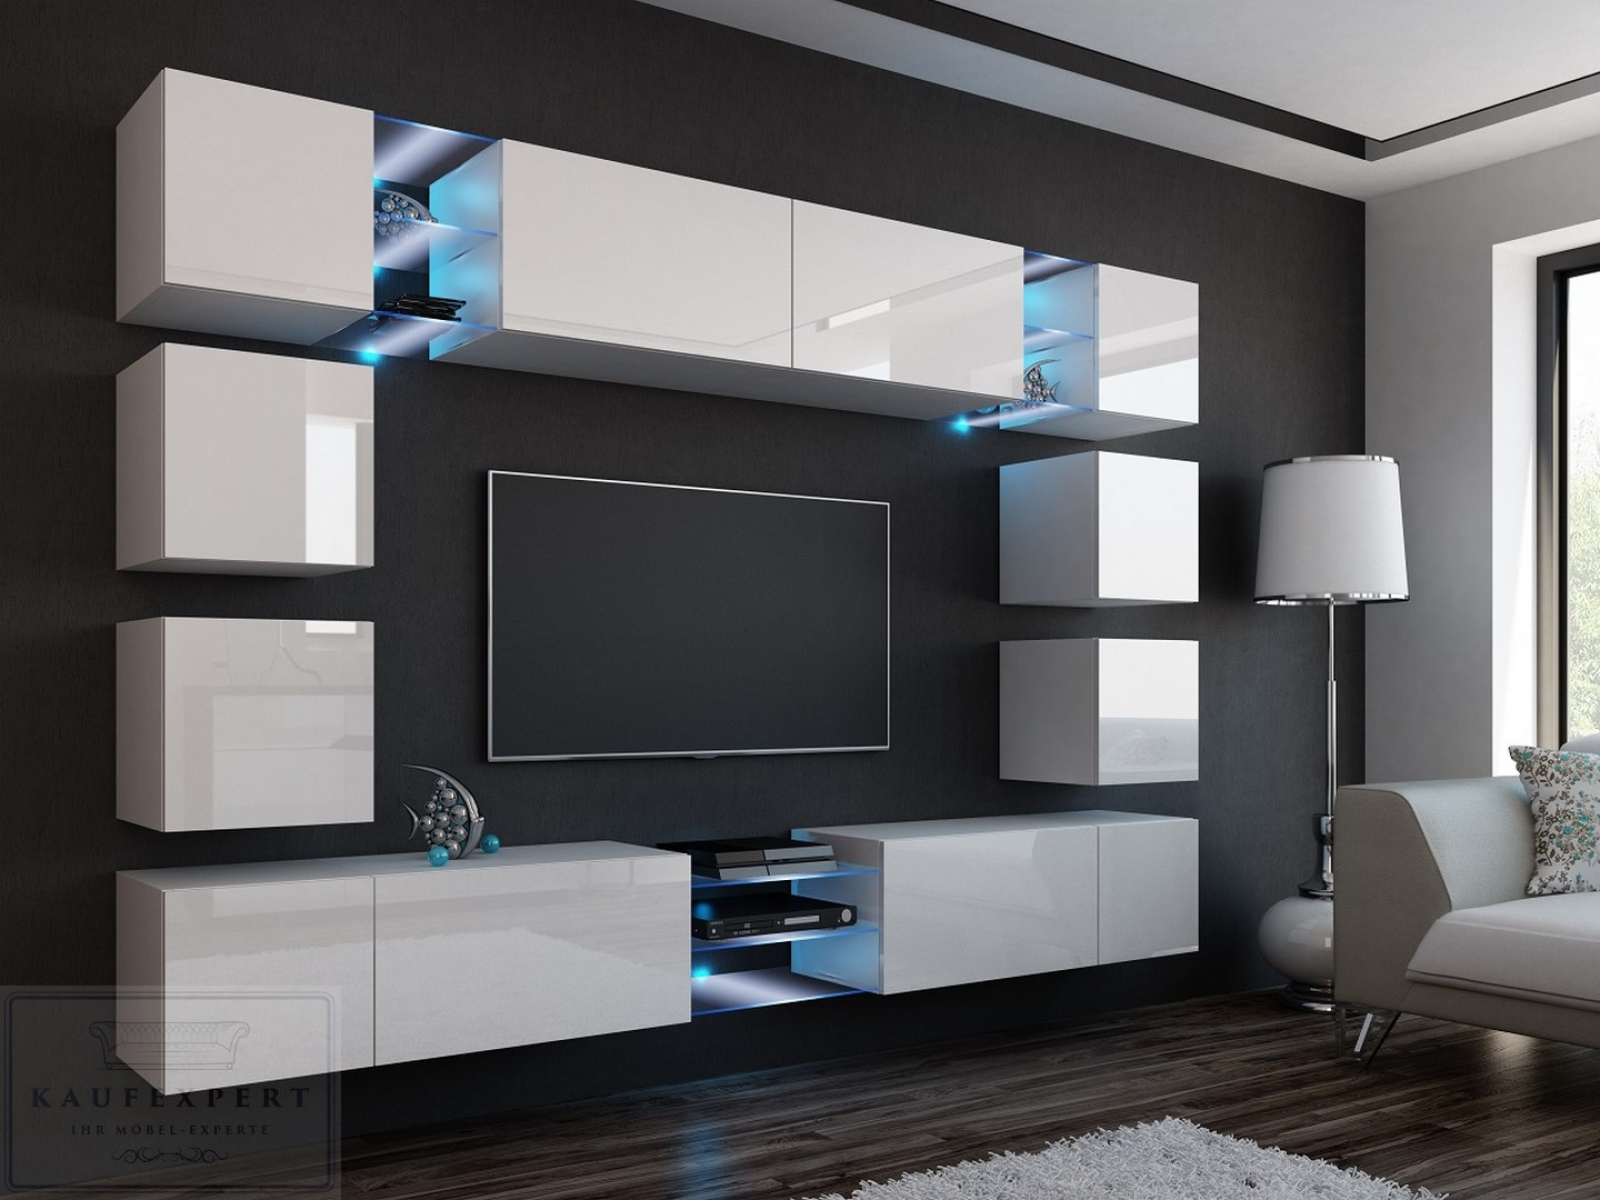 Wohnwand Edge Weiß Hochglanz Mediawand Medienwand Design Modern Led  Beleuchtung MDF Hochglanz Hängewand Hängeschrank TV Wand